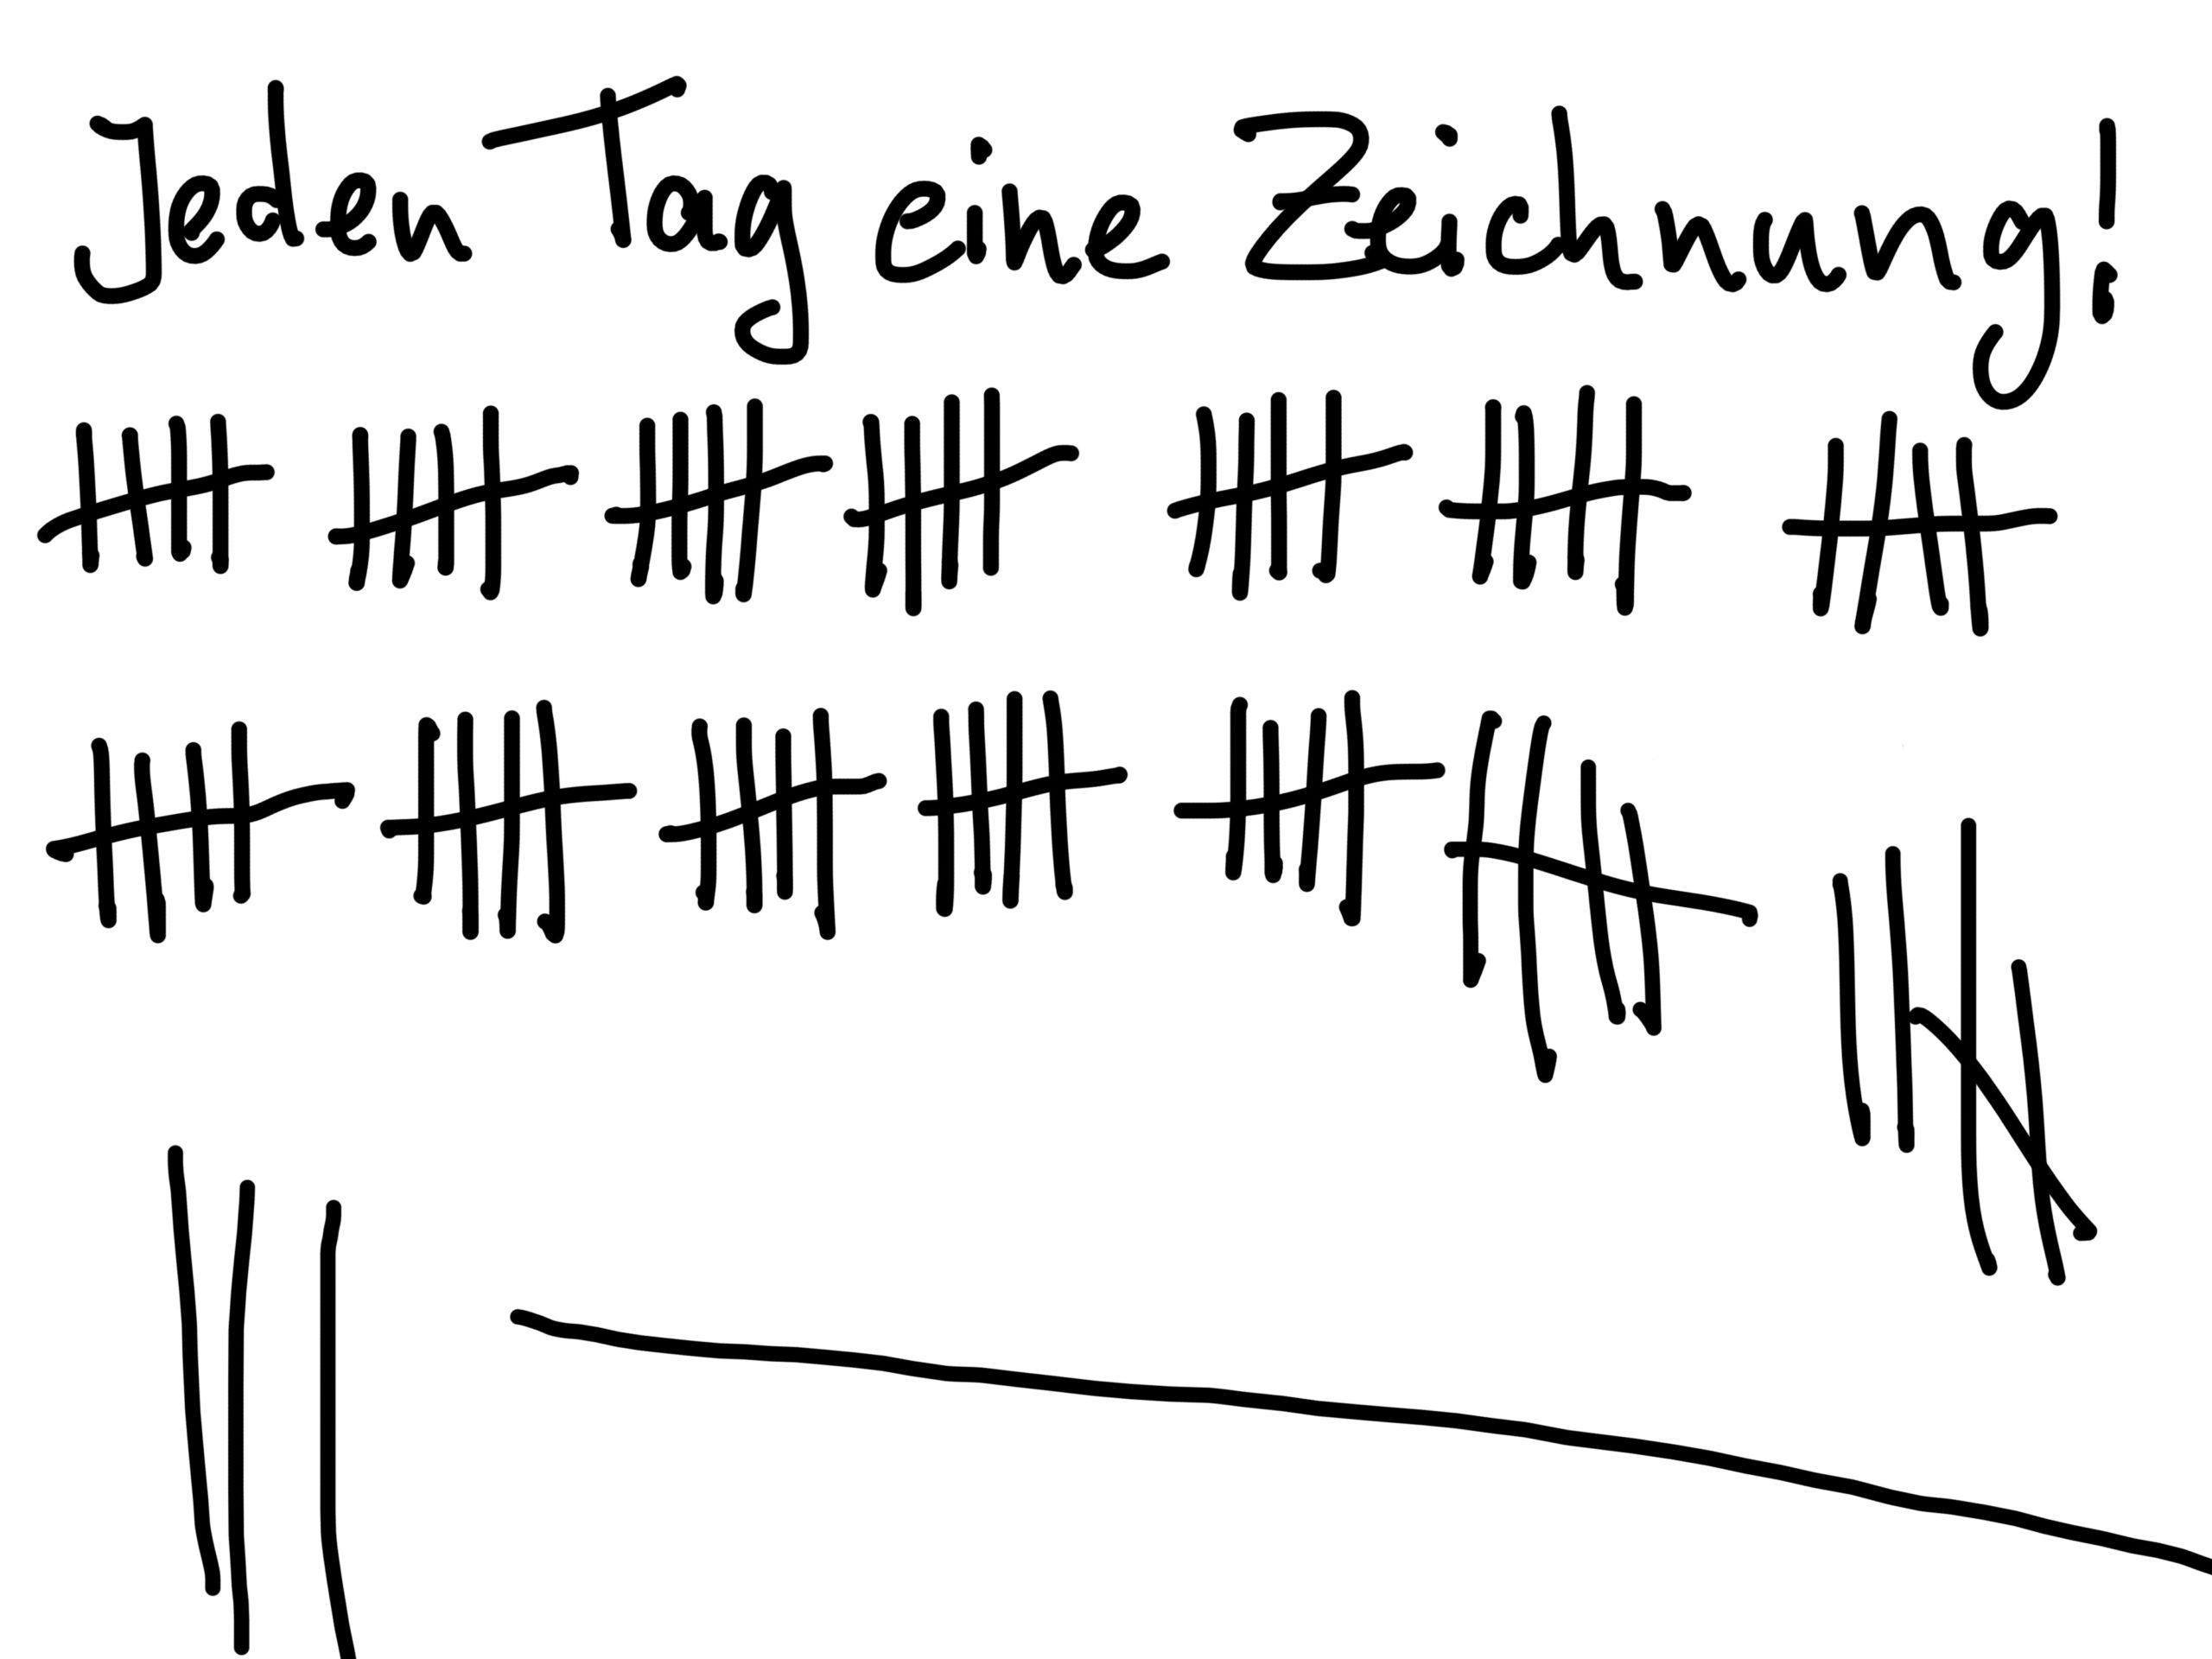 Philipp Hermeling, 17.03.2020, digitale Zeichnung